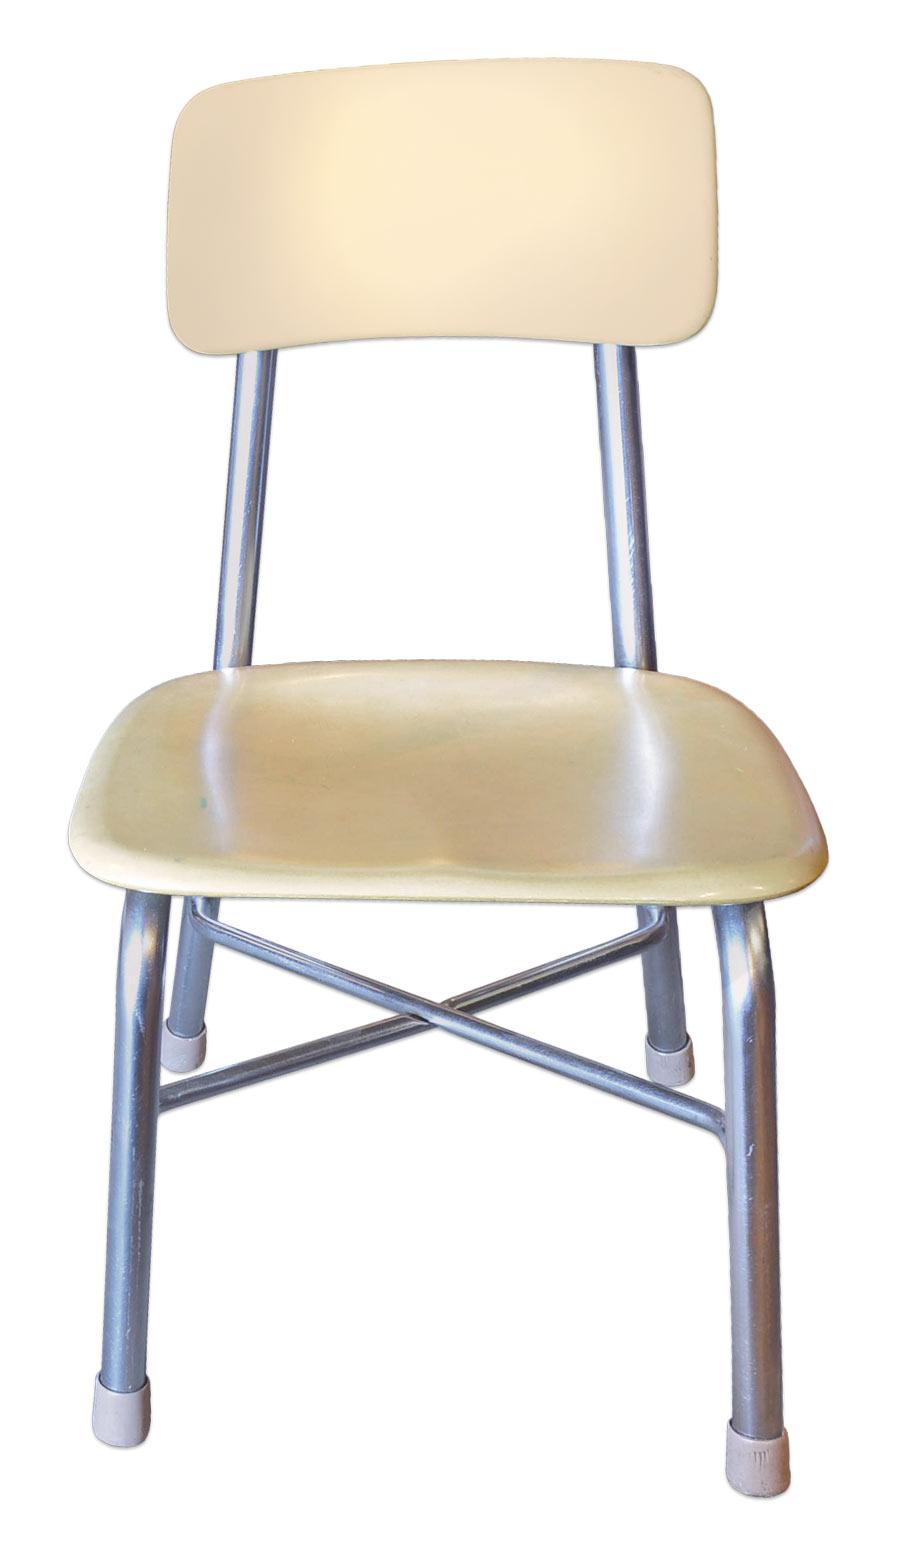 children s school desk chairs quantity available architectural rh archantiques com school desk chair antique school desk chair india